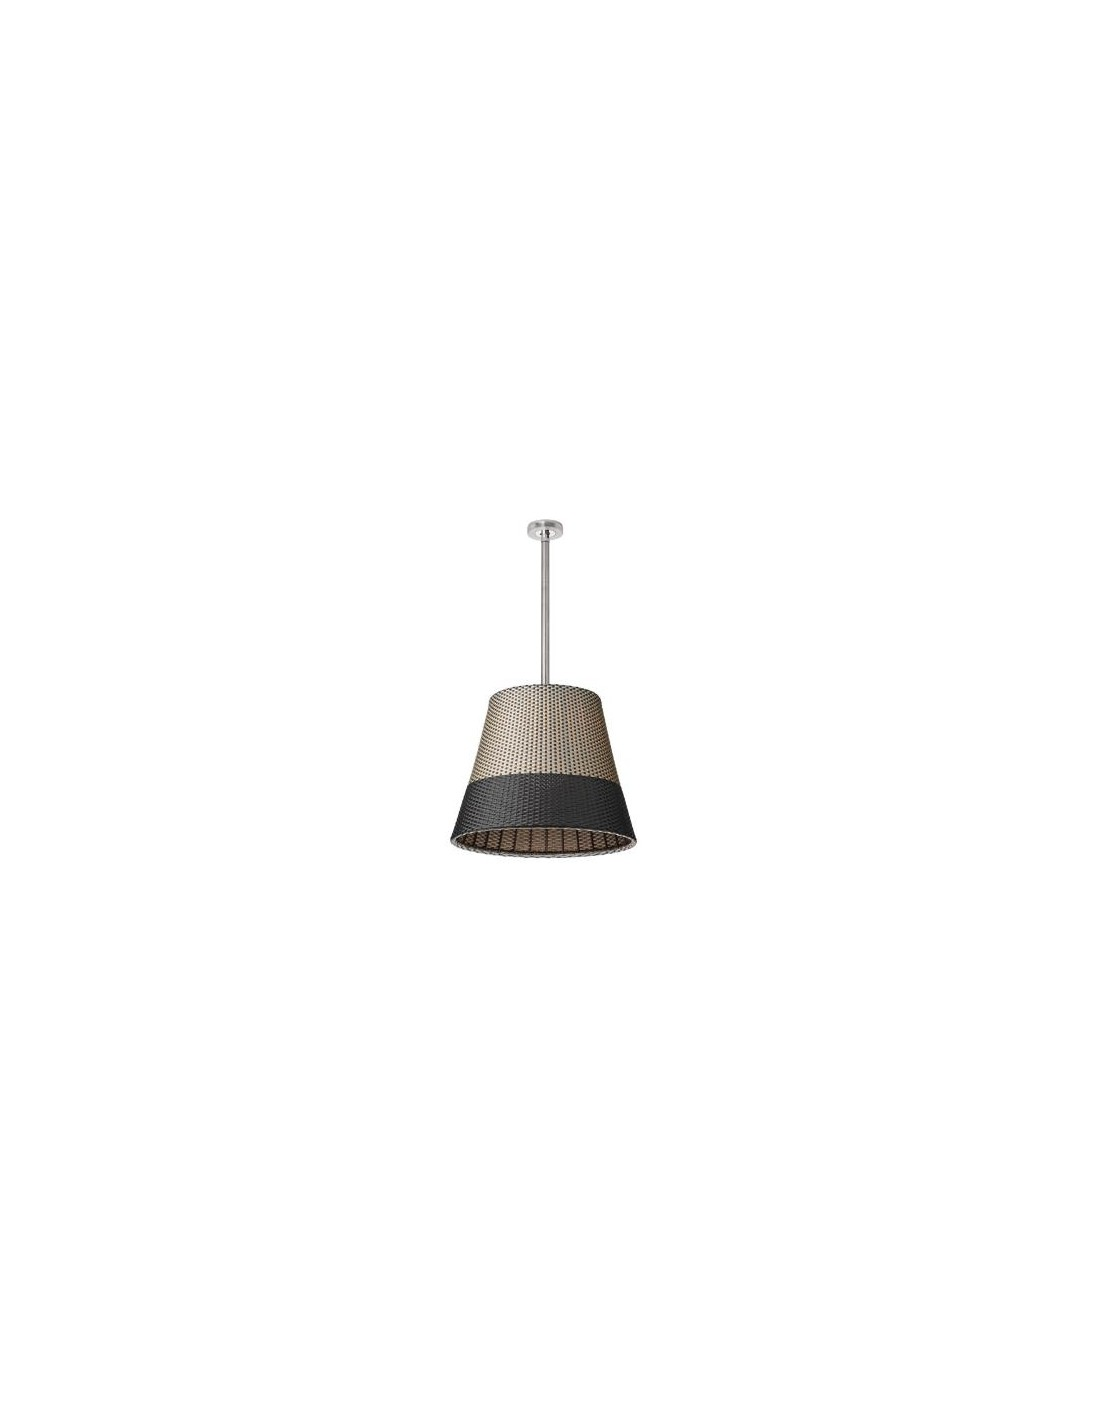 Éclairage avec la suspension Romeo C3 Outdoor H71cm grise/noire de la marque Flos faite par Philippe Starck pour Valente Design